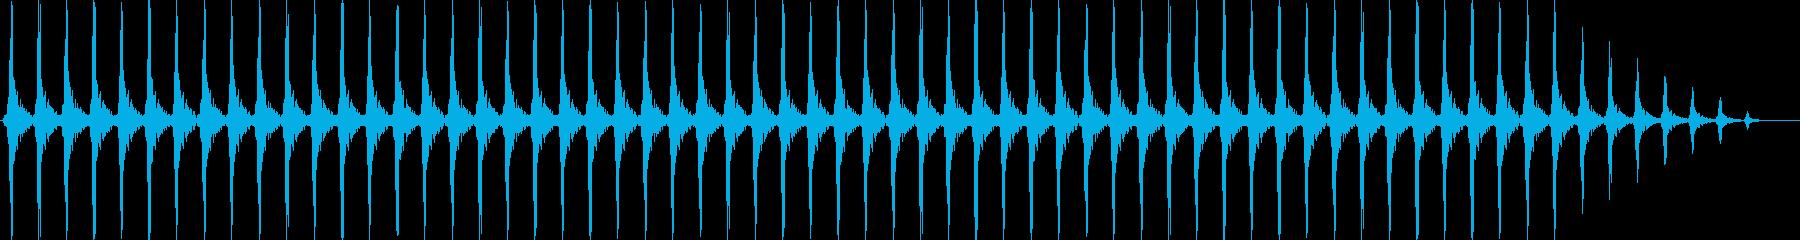 クリスマスの鈴(軽め、テンポ速い)の再生済みの波形